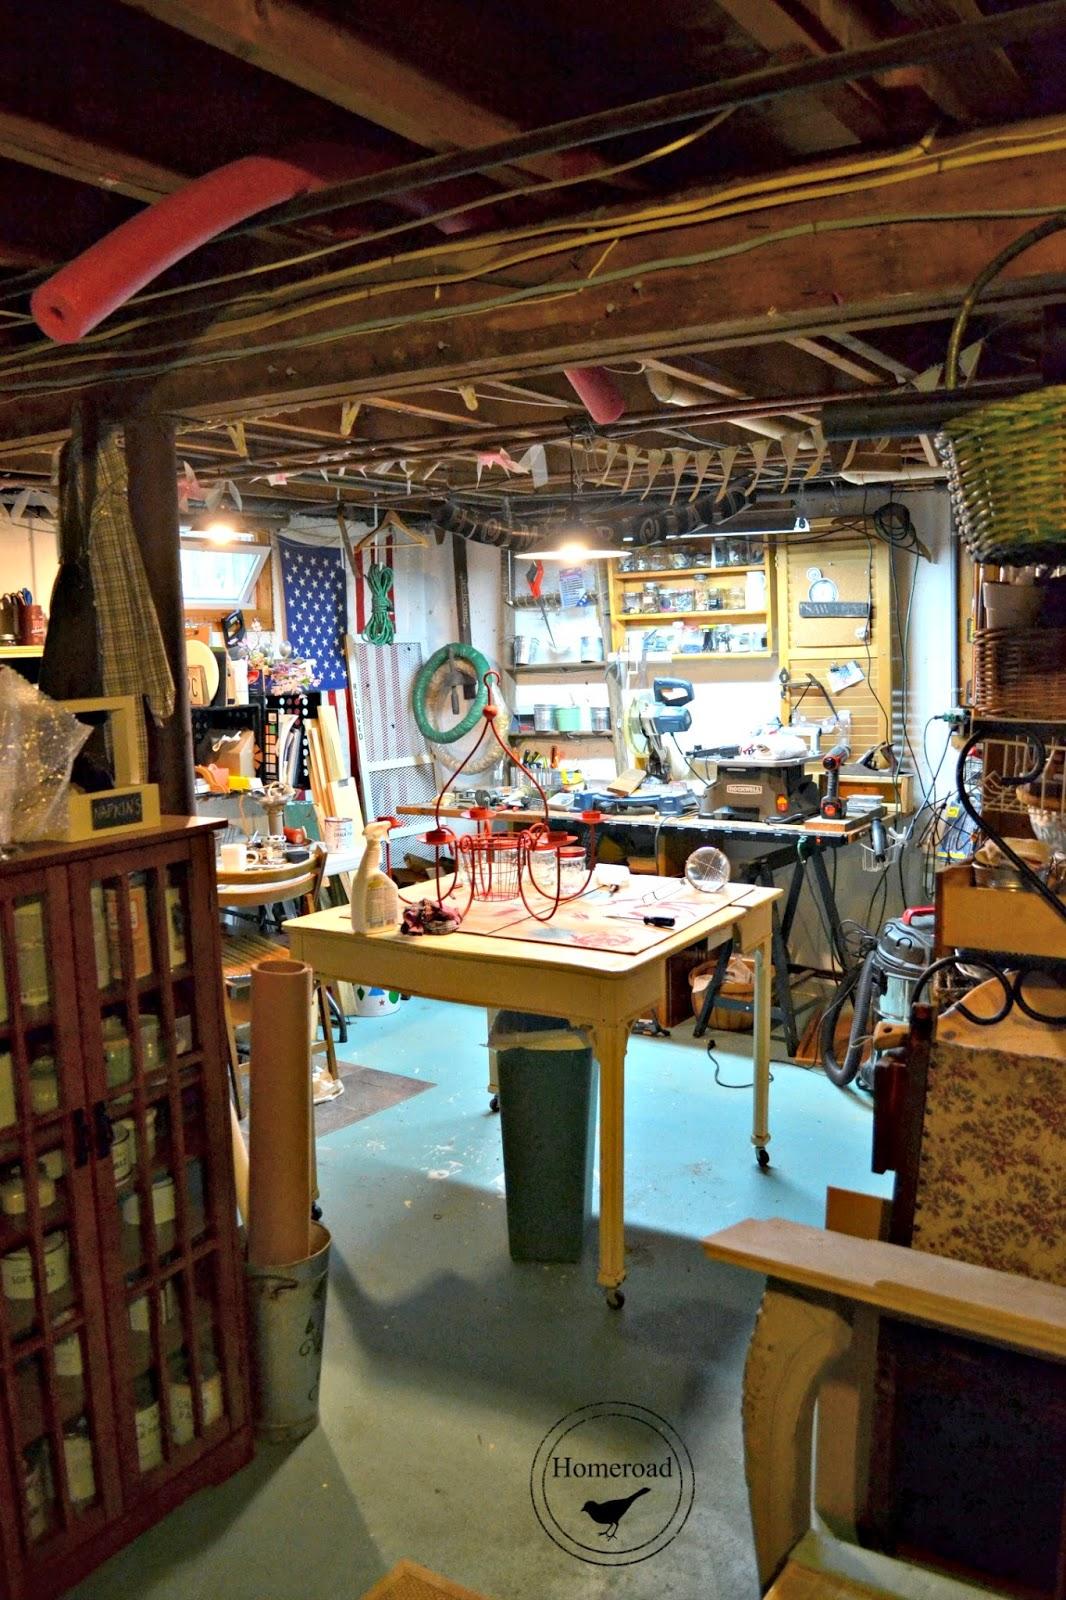 basement workshop www.homeroad.net